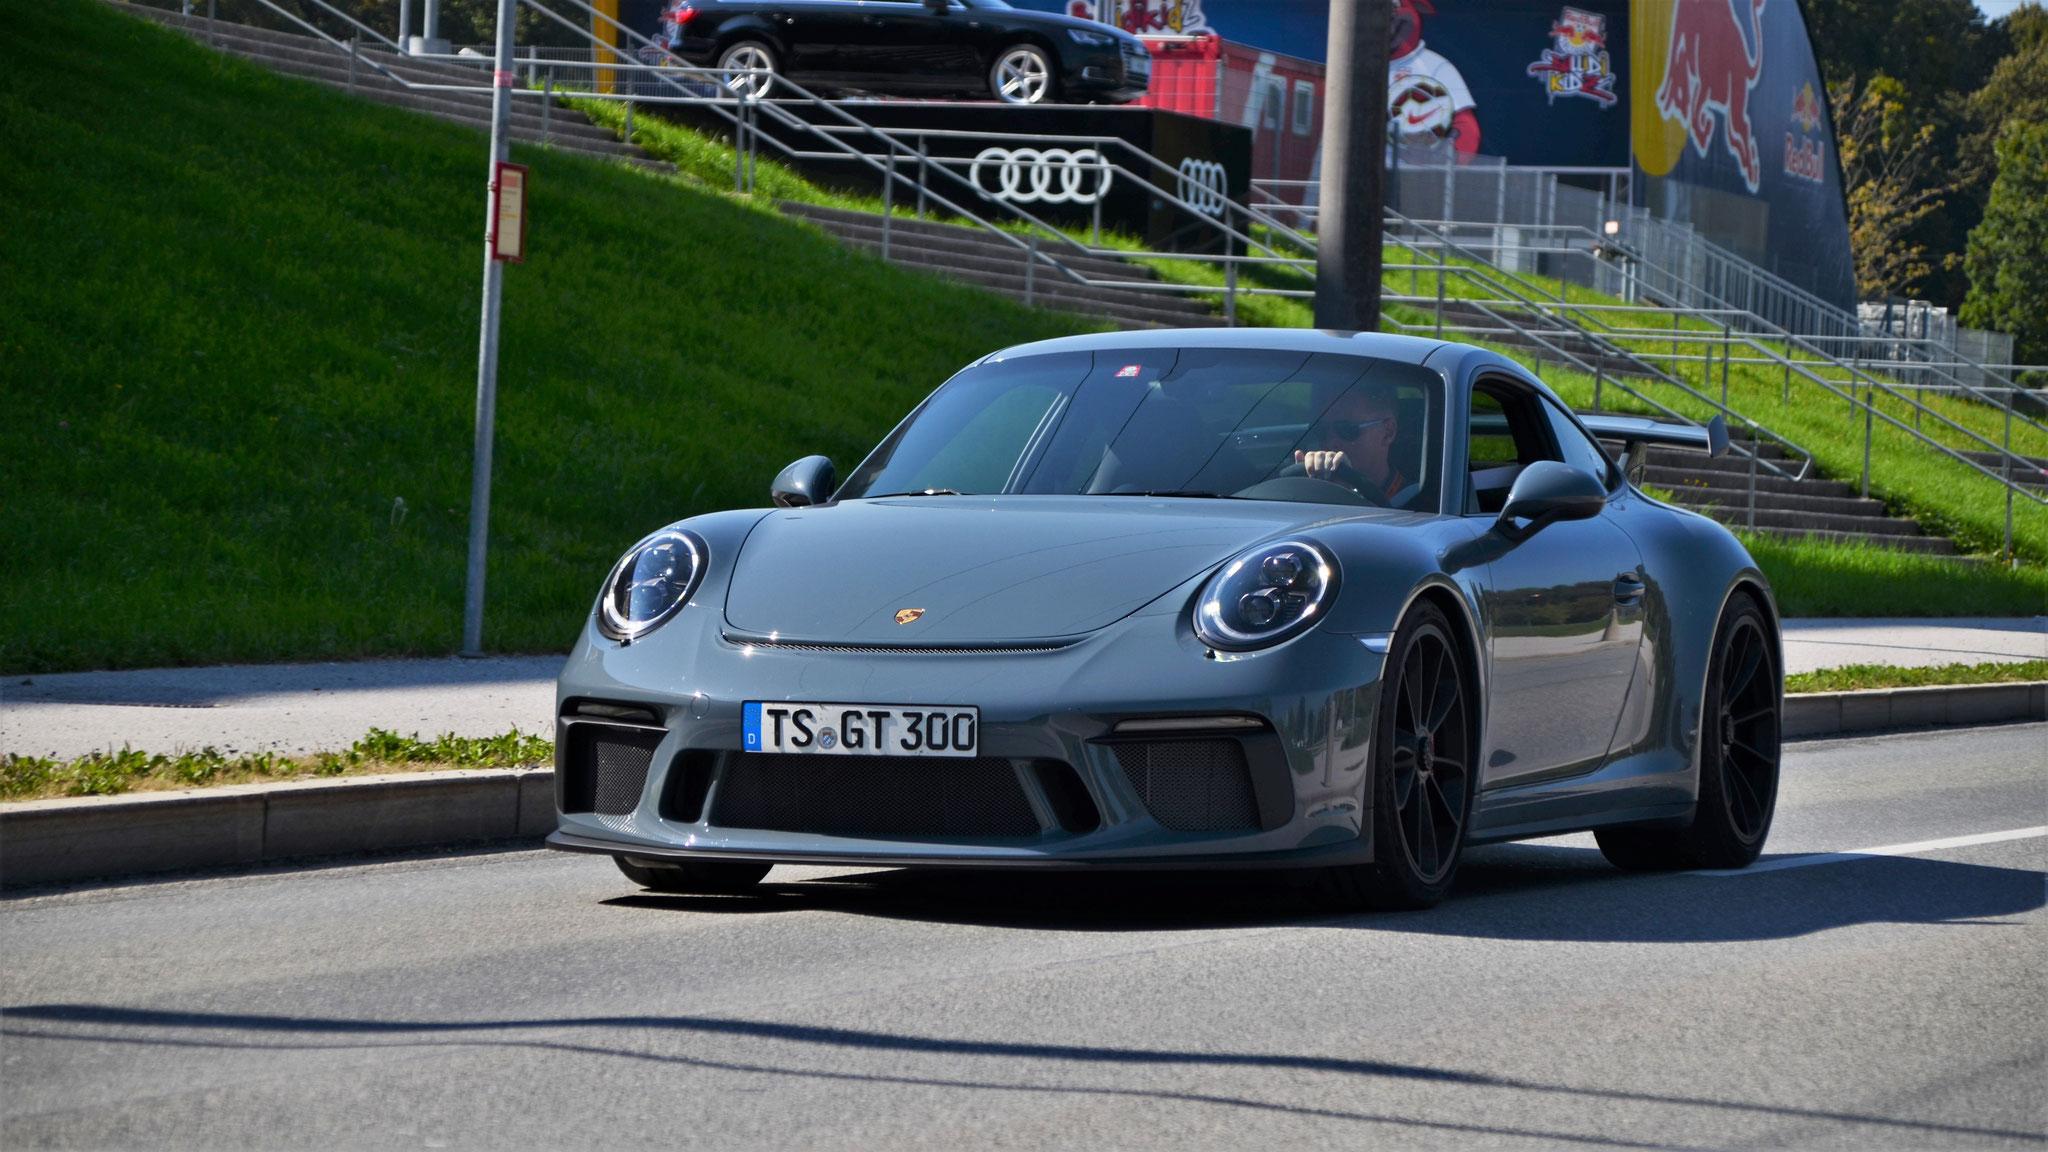 Porsche 991 GT3 - TS-GT-300